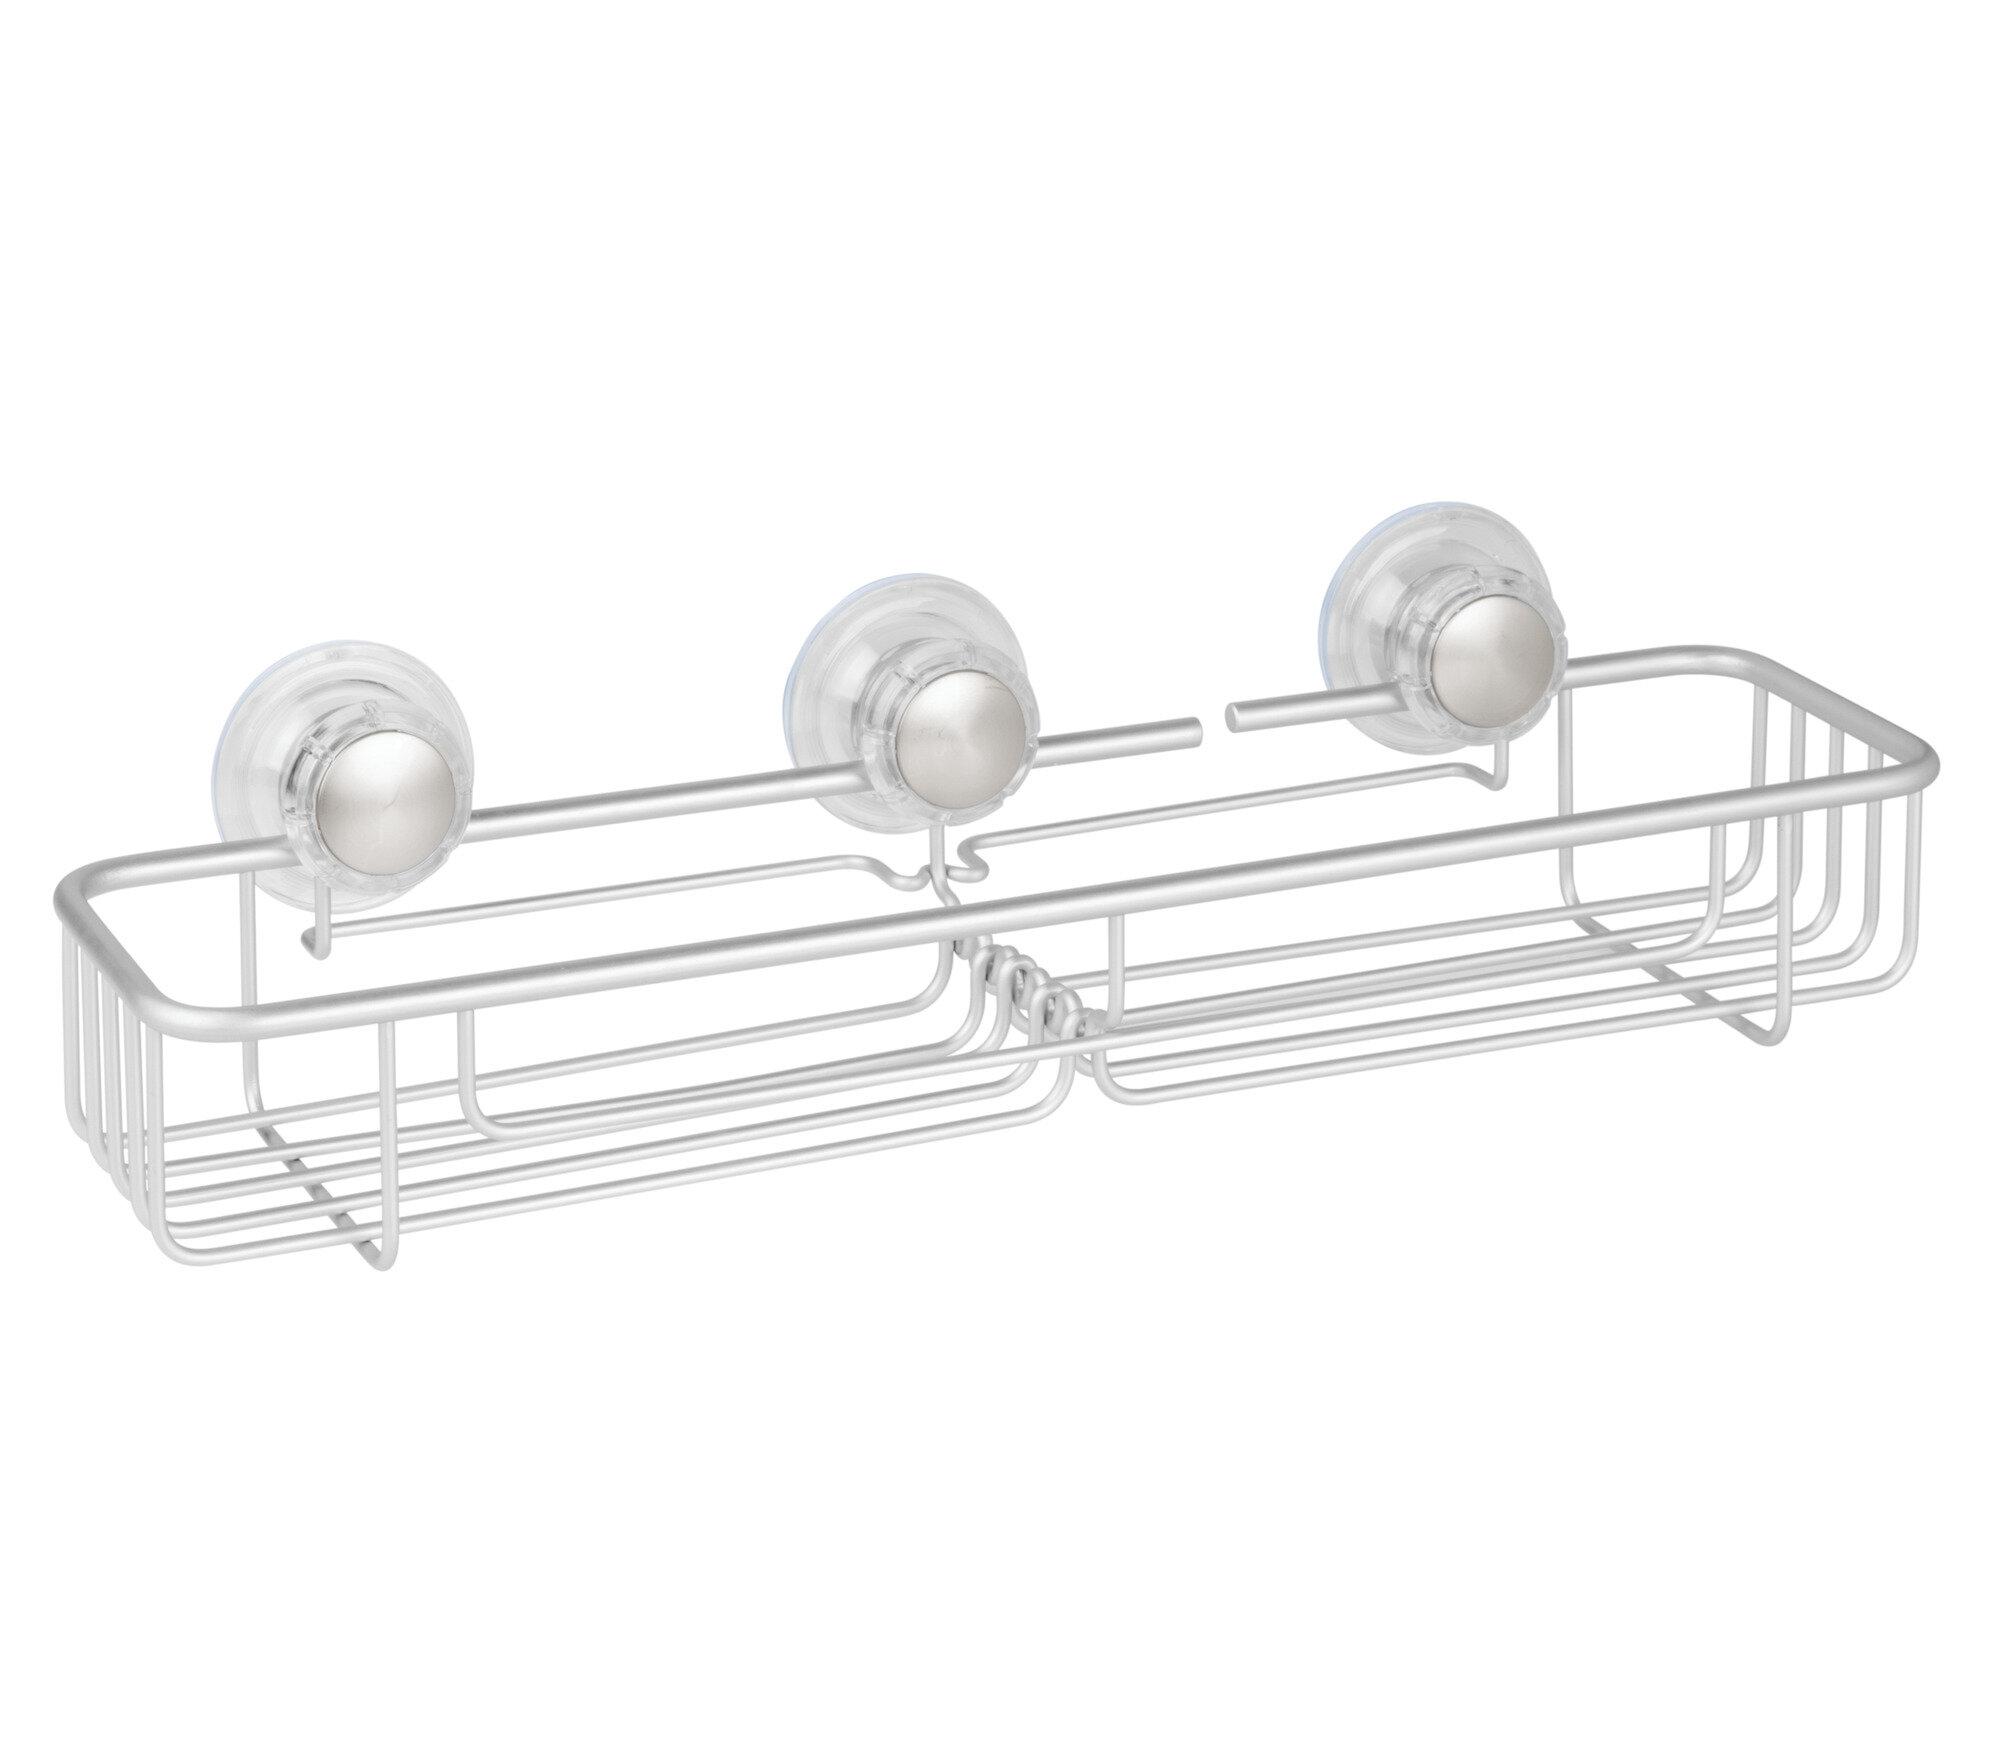 Metro Aluminum Shower Caddy